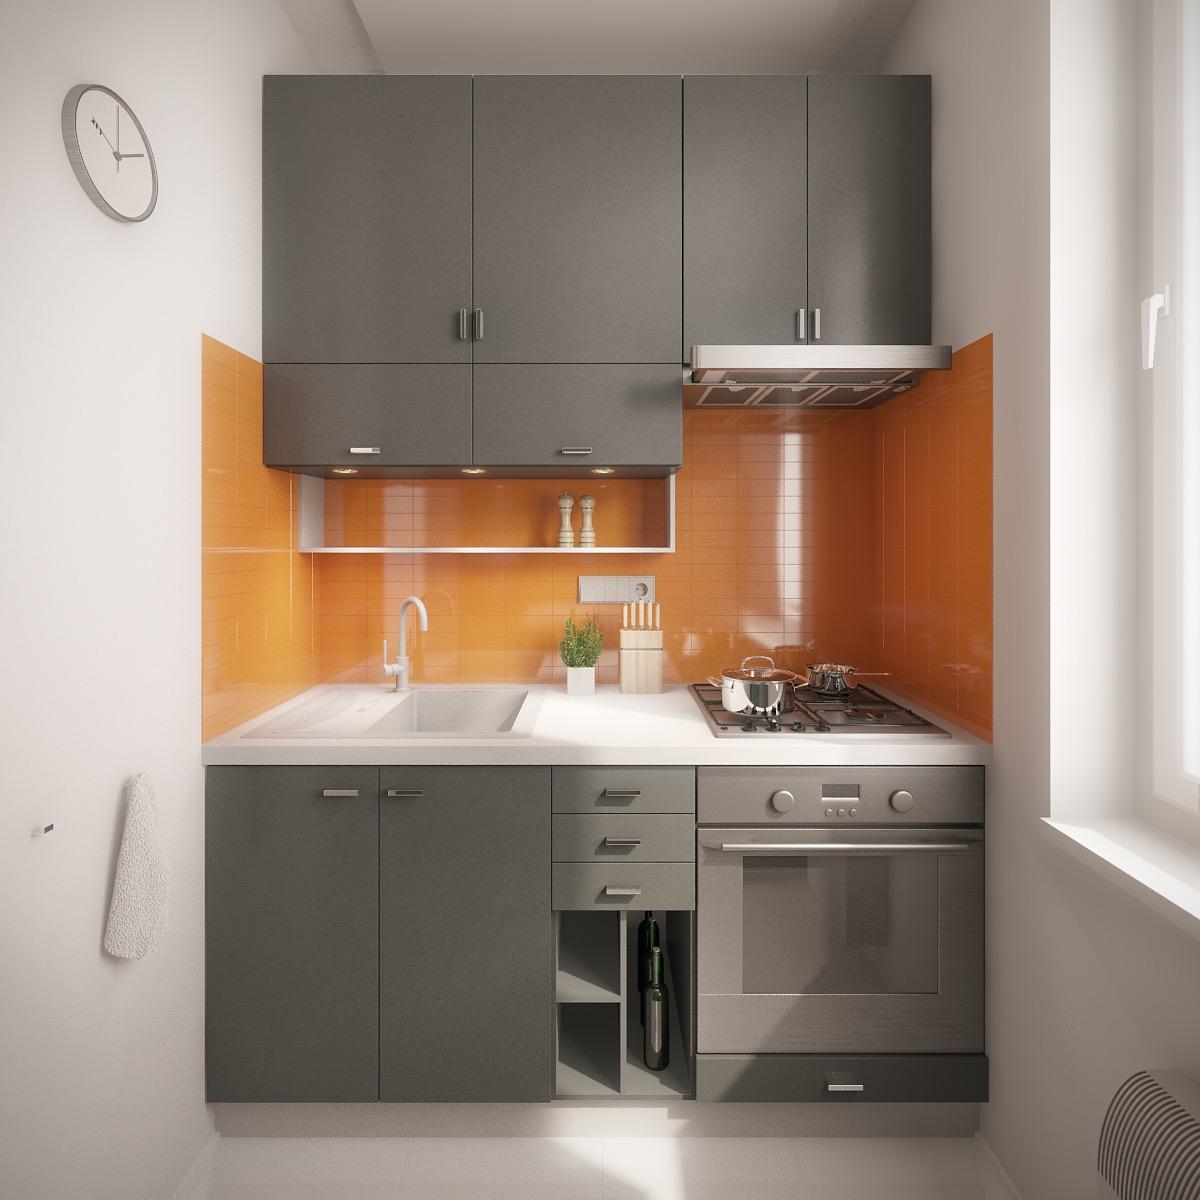 طراحی آشپزخانه های کوچک